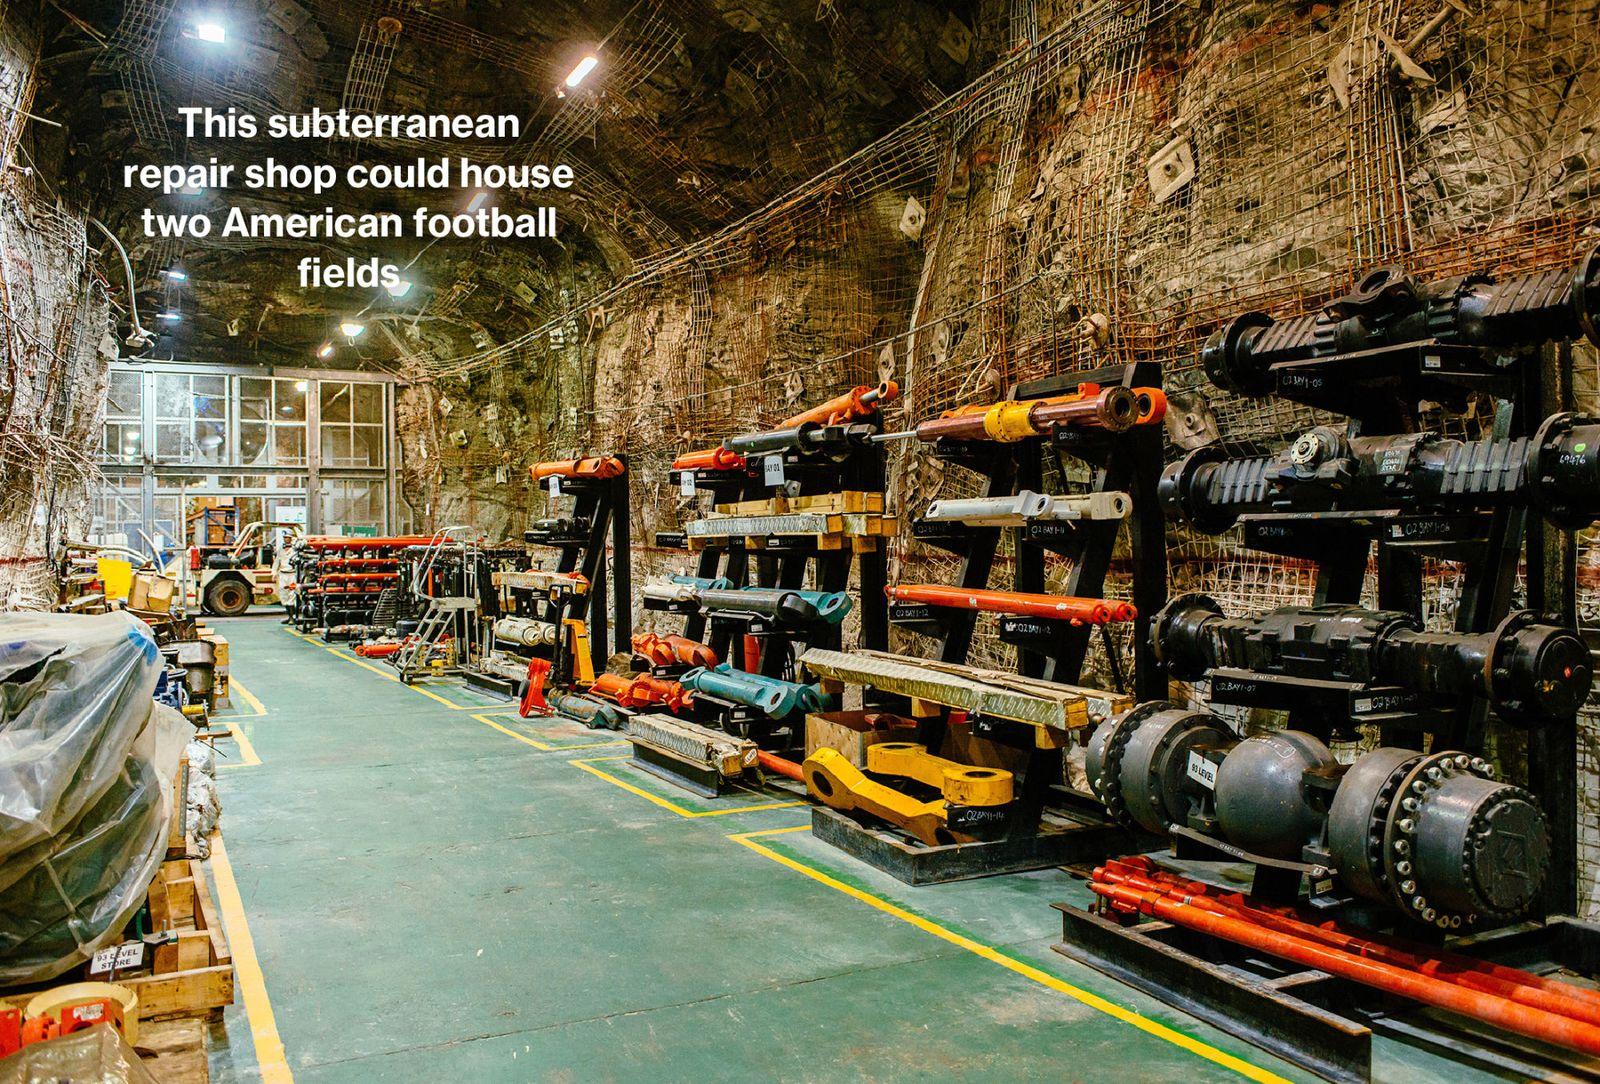 該公司在地下2.6公里建立專用車間,堆放重型機械配件。 佔地面積約11500平方米。